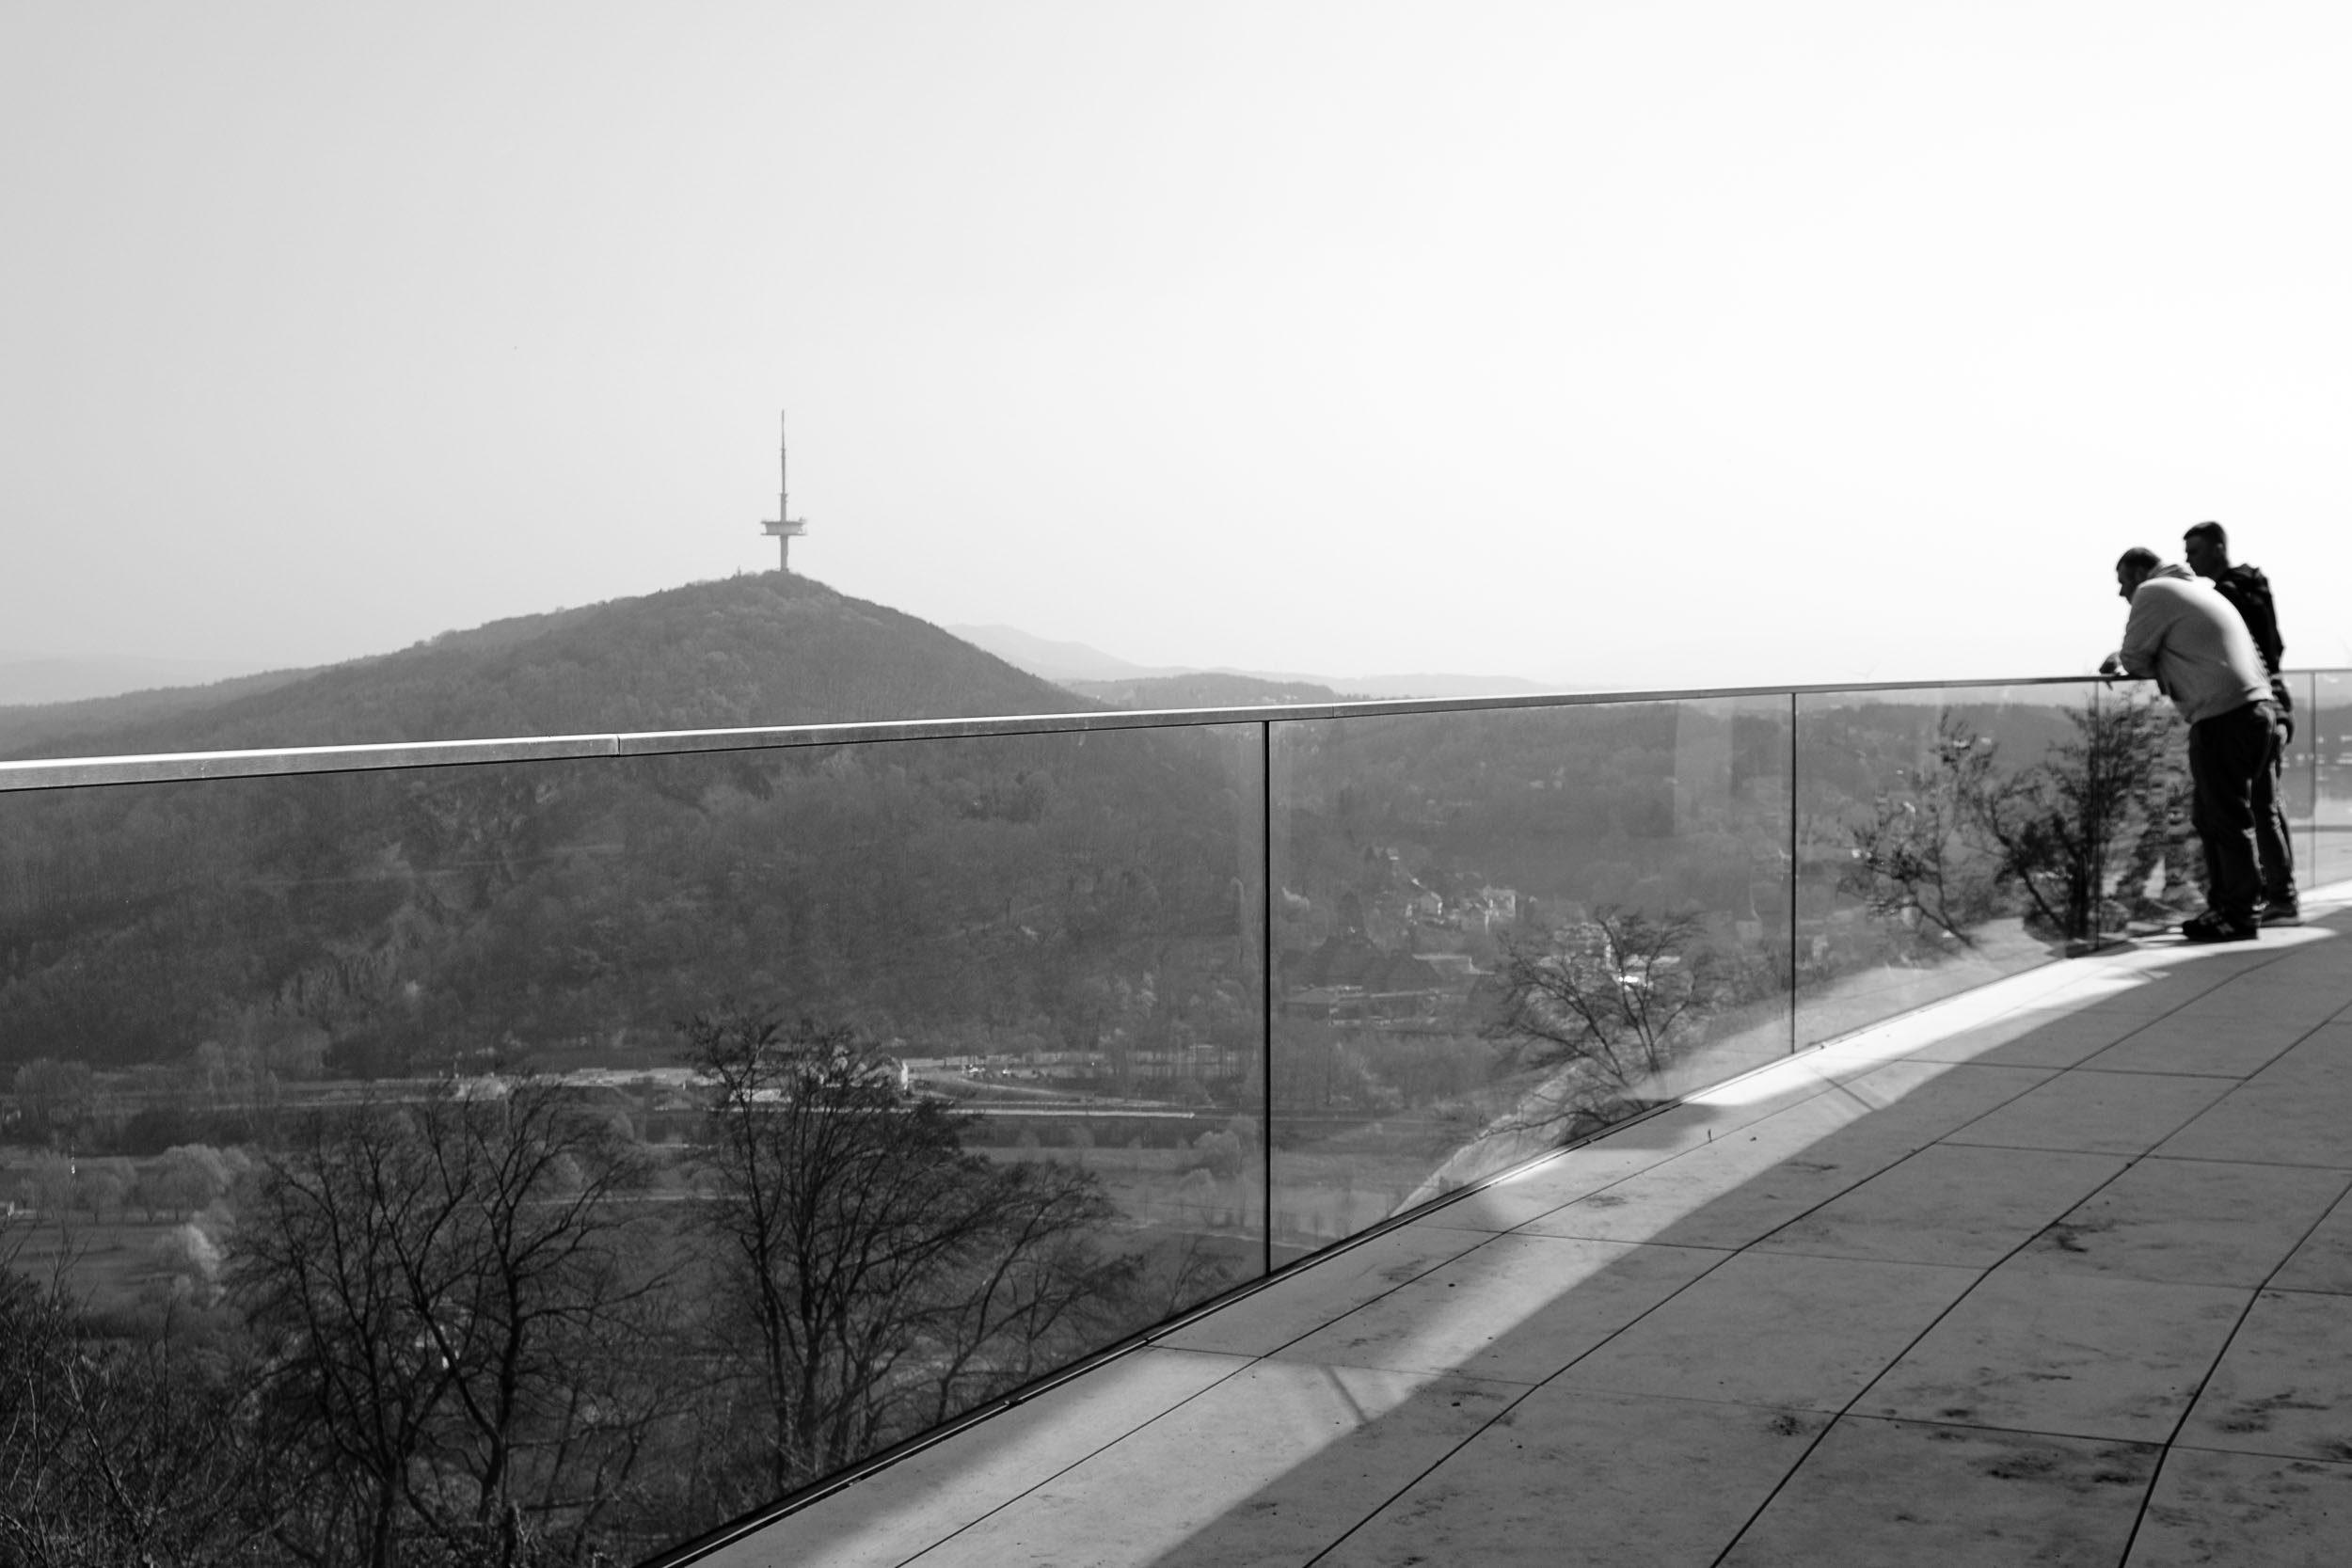 Bloci vom Kaiser-Wilhelm-Denkmal an der Porta Westfalica